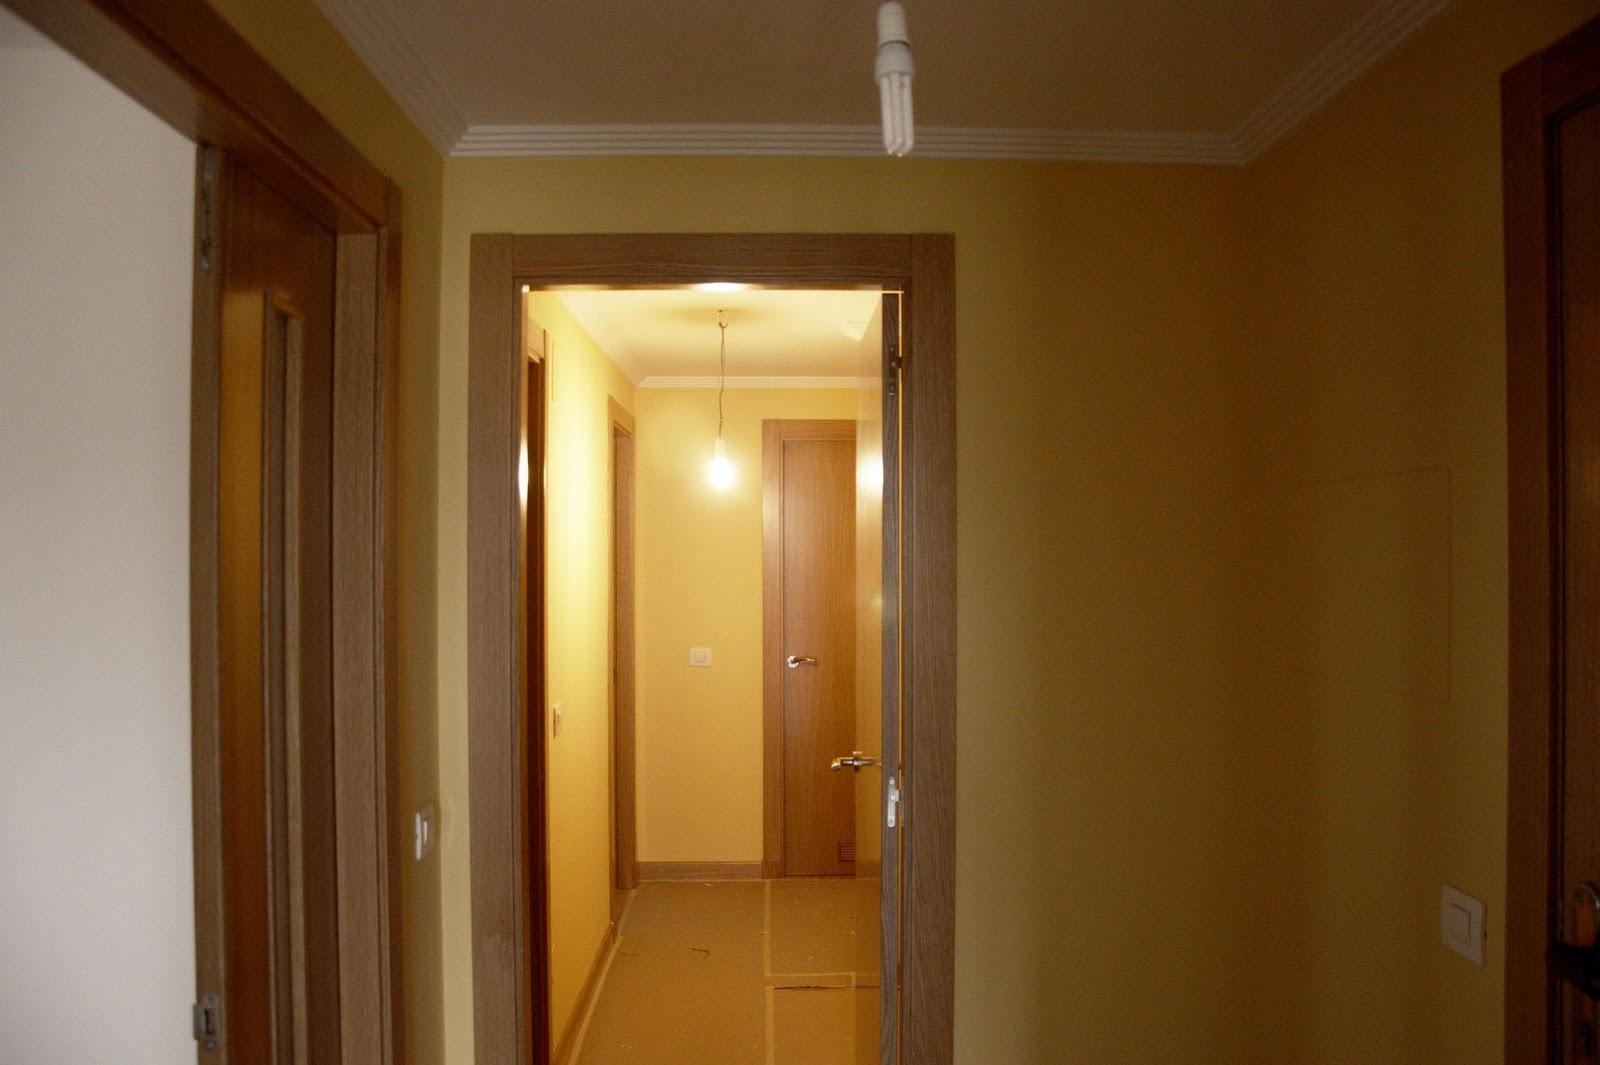 Isaac pintura un piso por 800 - Pasillos pintados ...